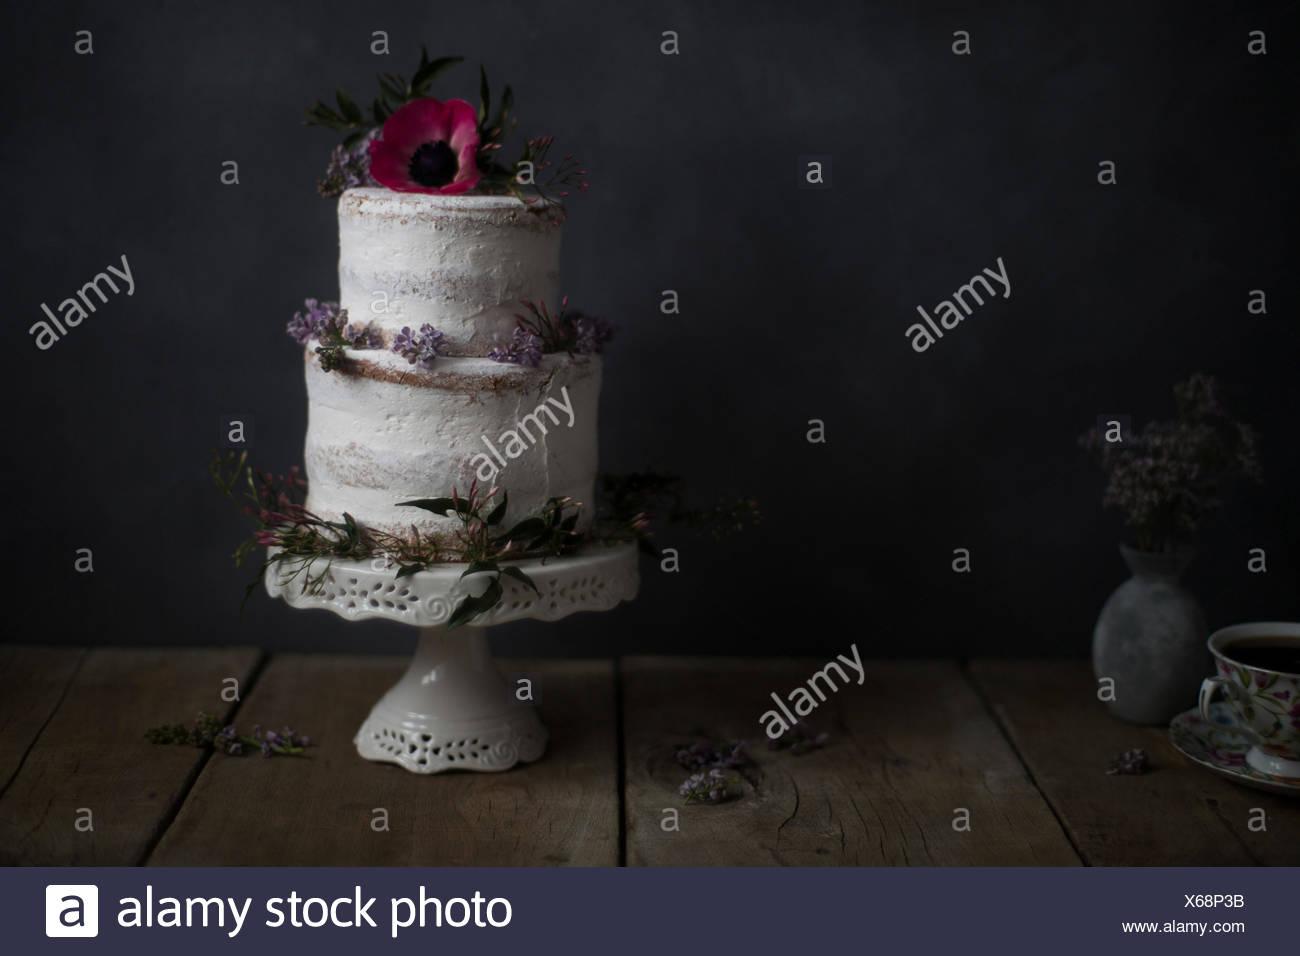 Torte fatte in casa, con decorazioni floreali, su di un supporto. Sfondo scuro. Immagini Stock